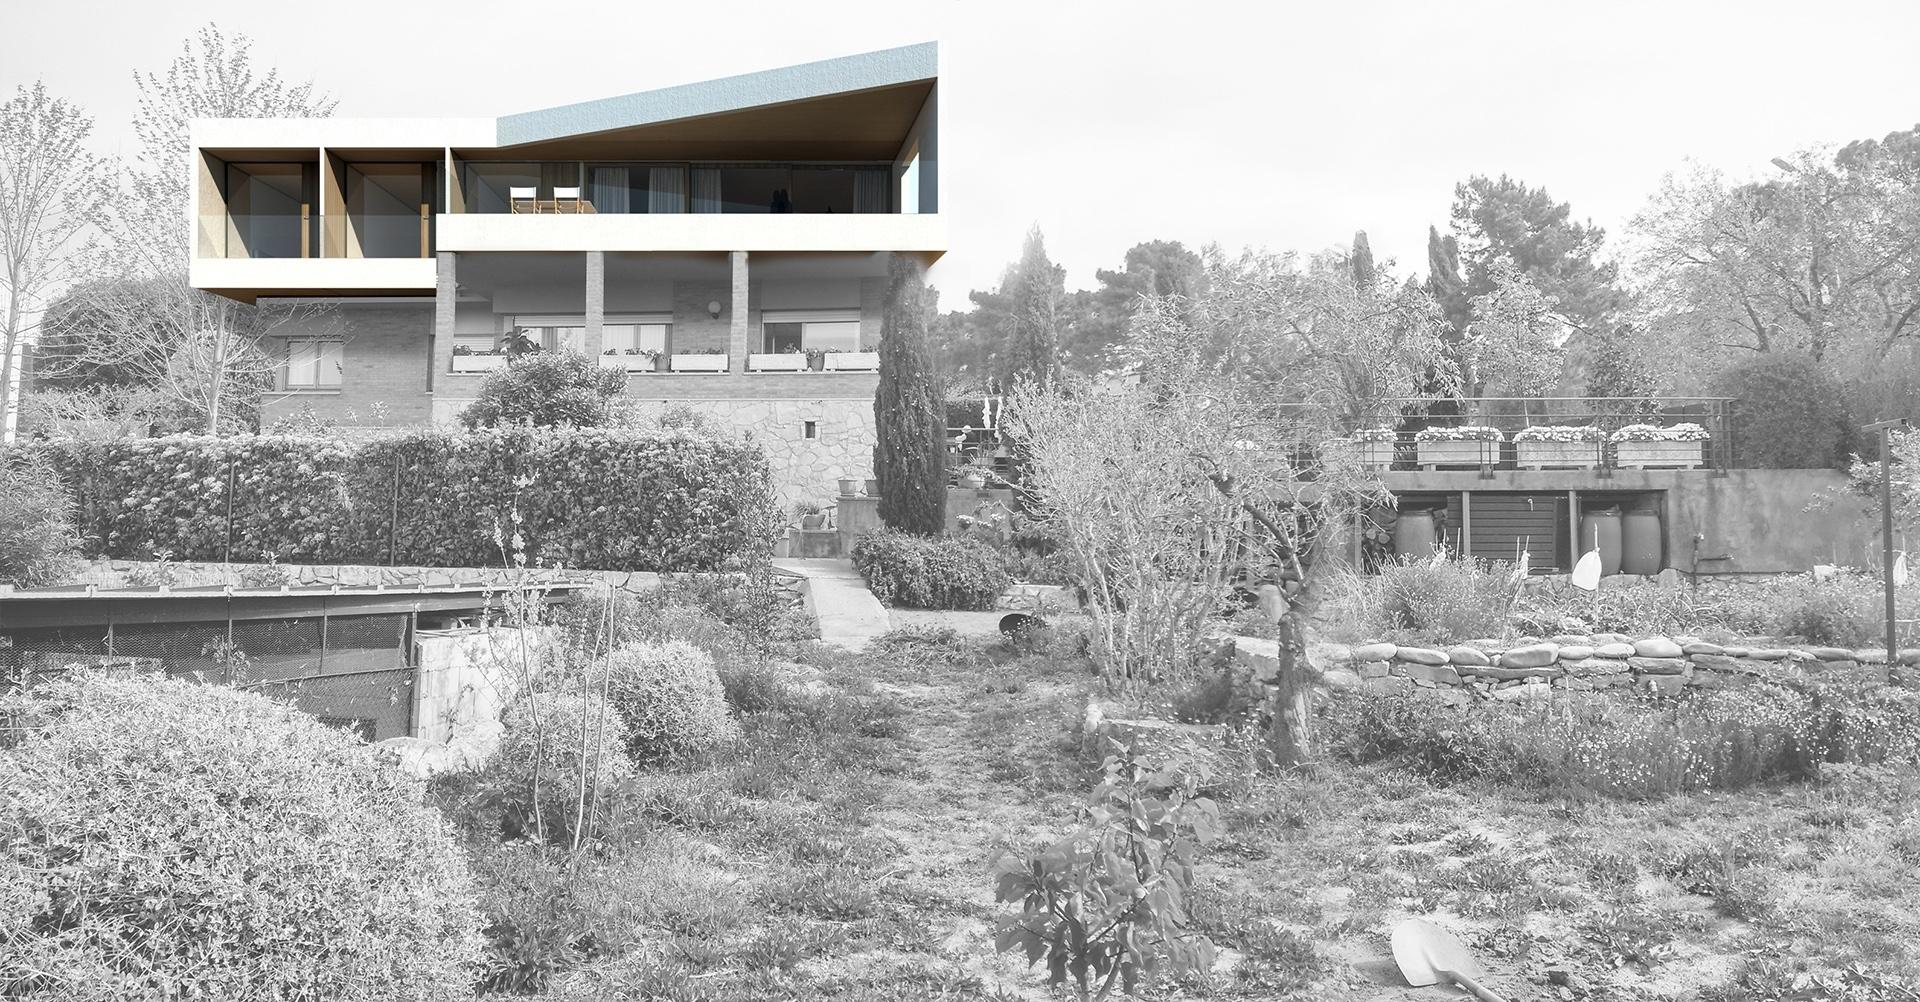 Genial Houses hará una ampliación de casa en Gerona